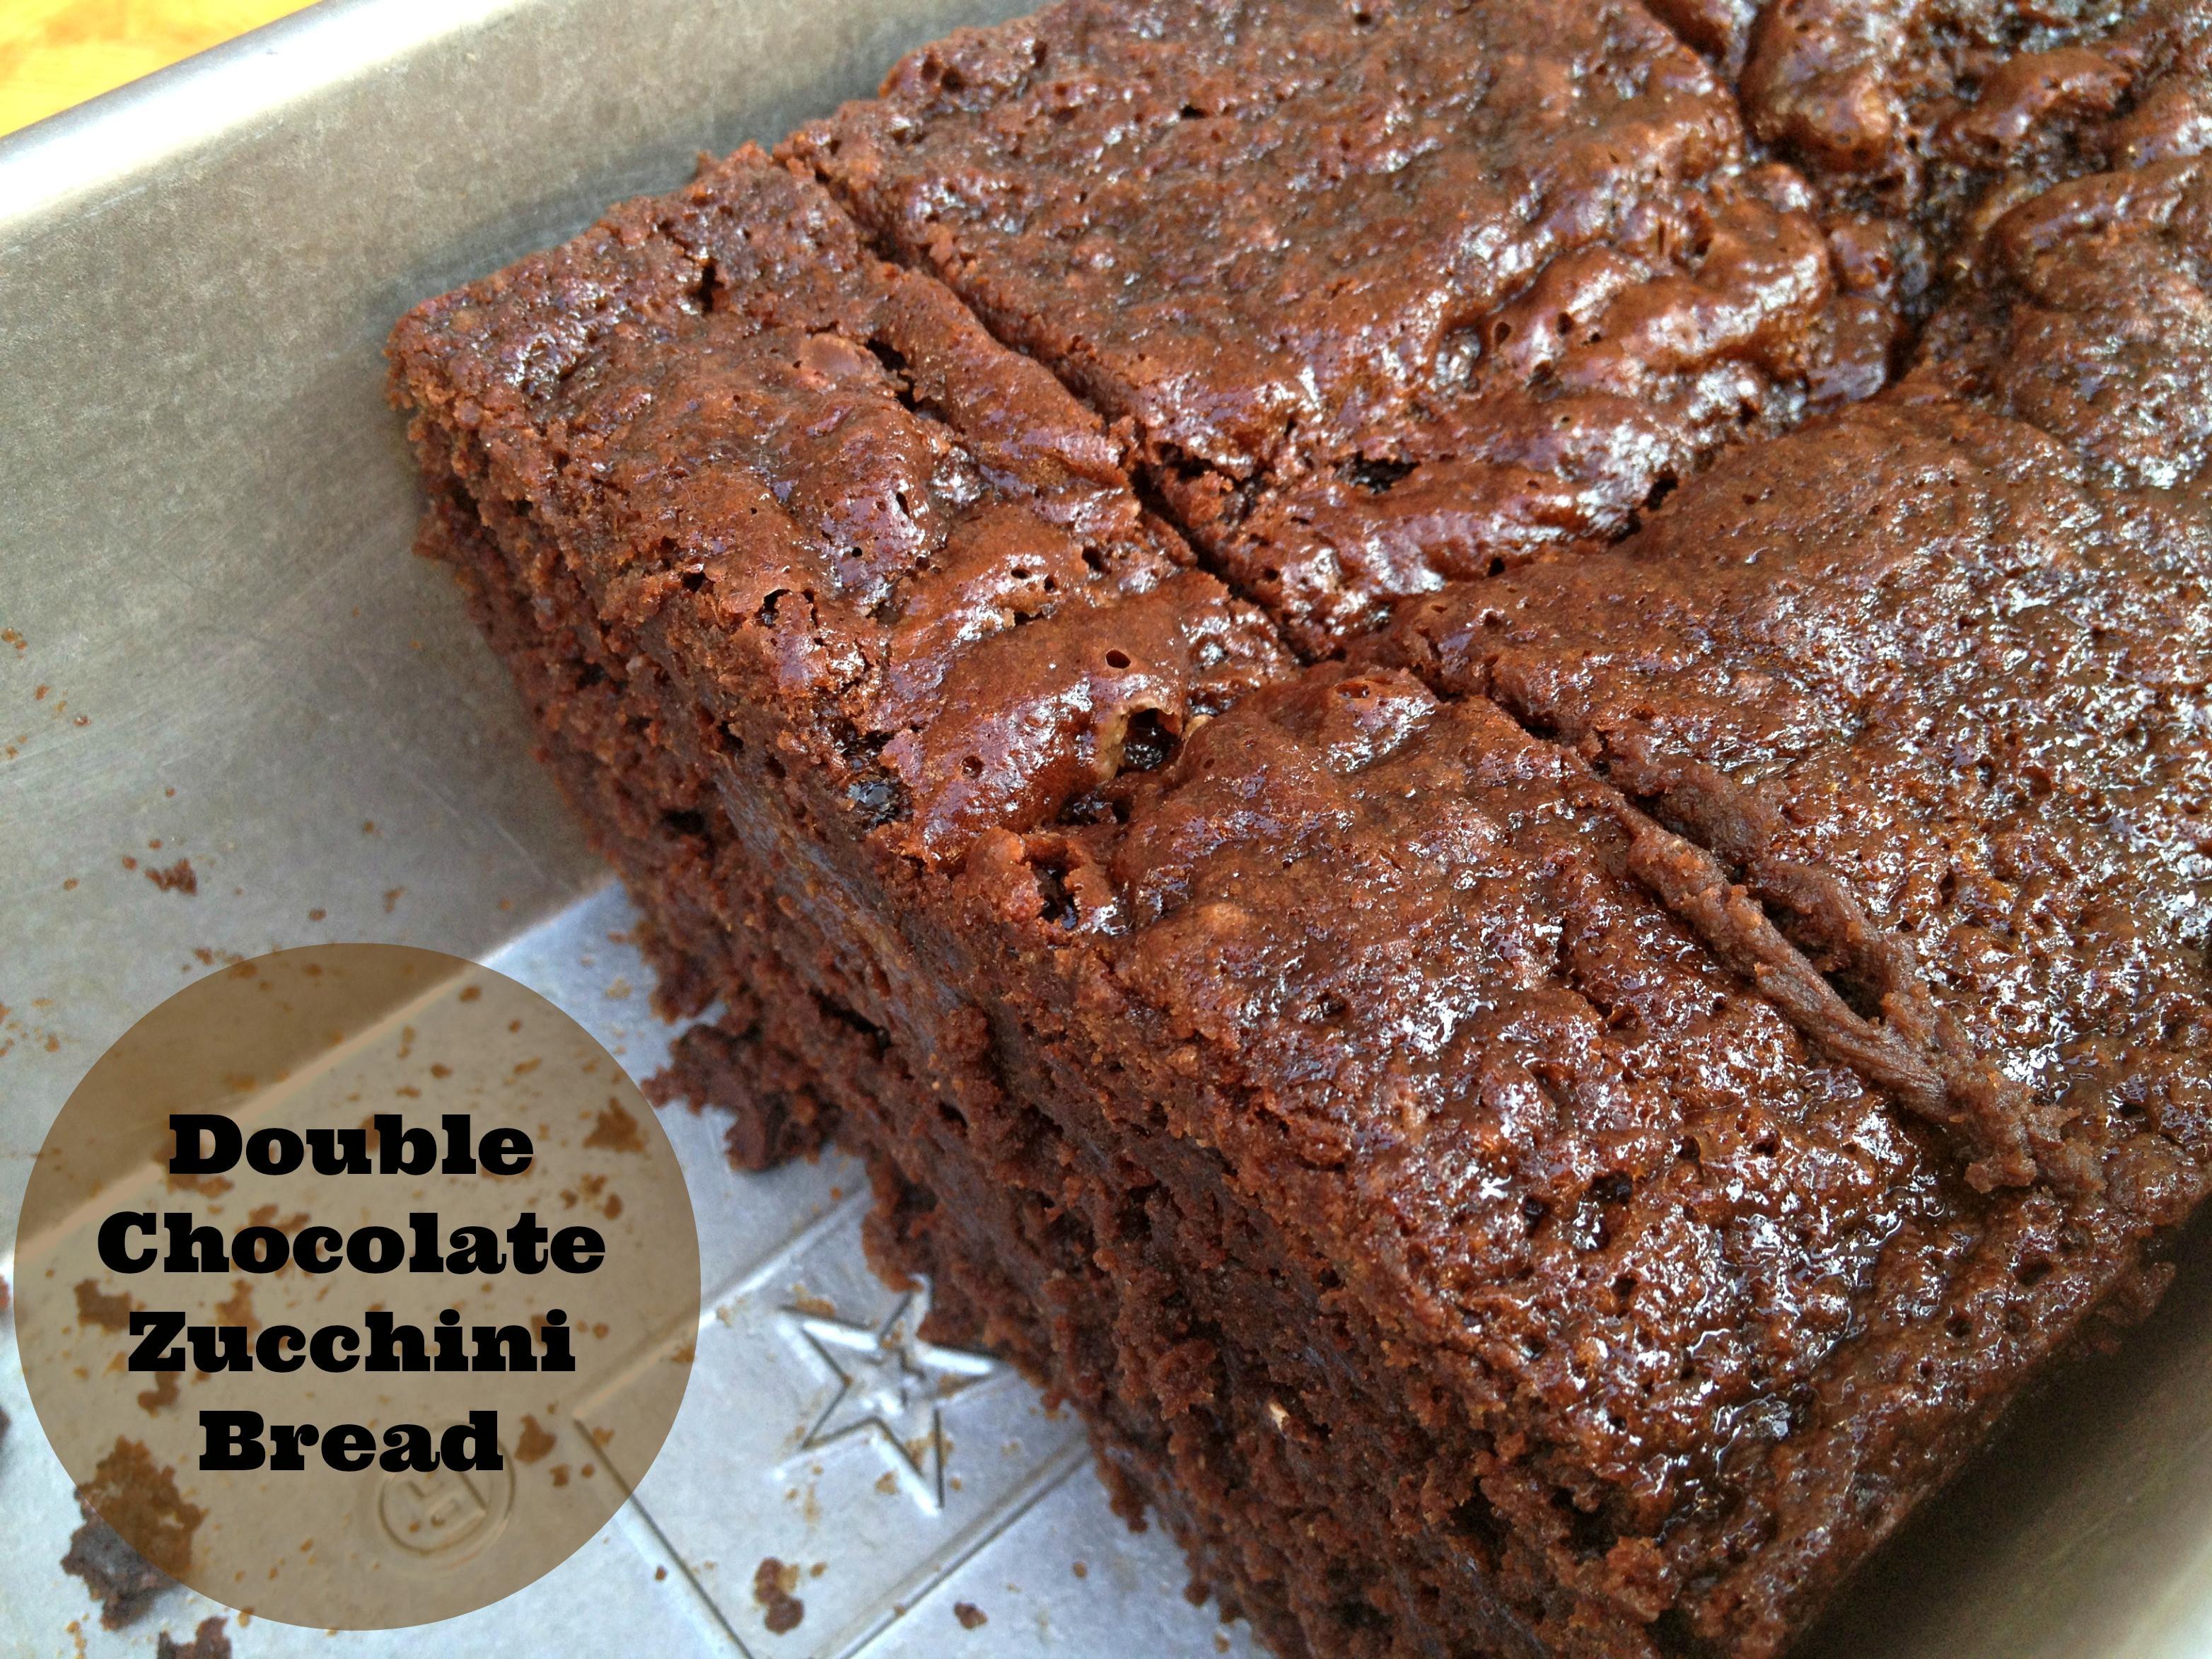 Healthy Chocolate Zucchini Bread Recipe  Double Chocolate Zucchini Bread Cooking with Books